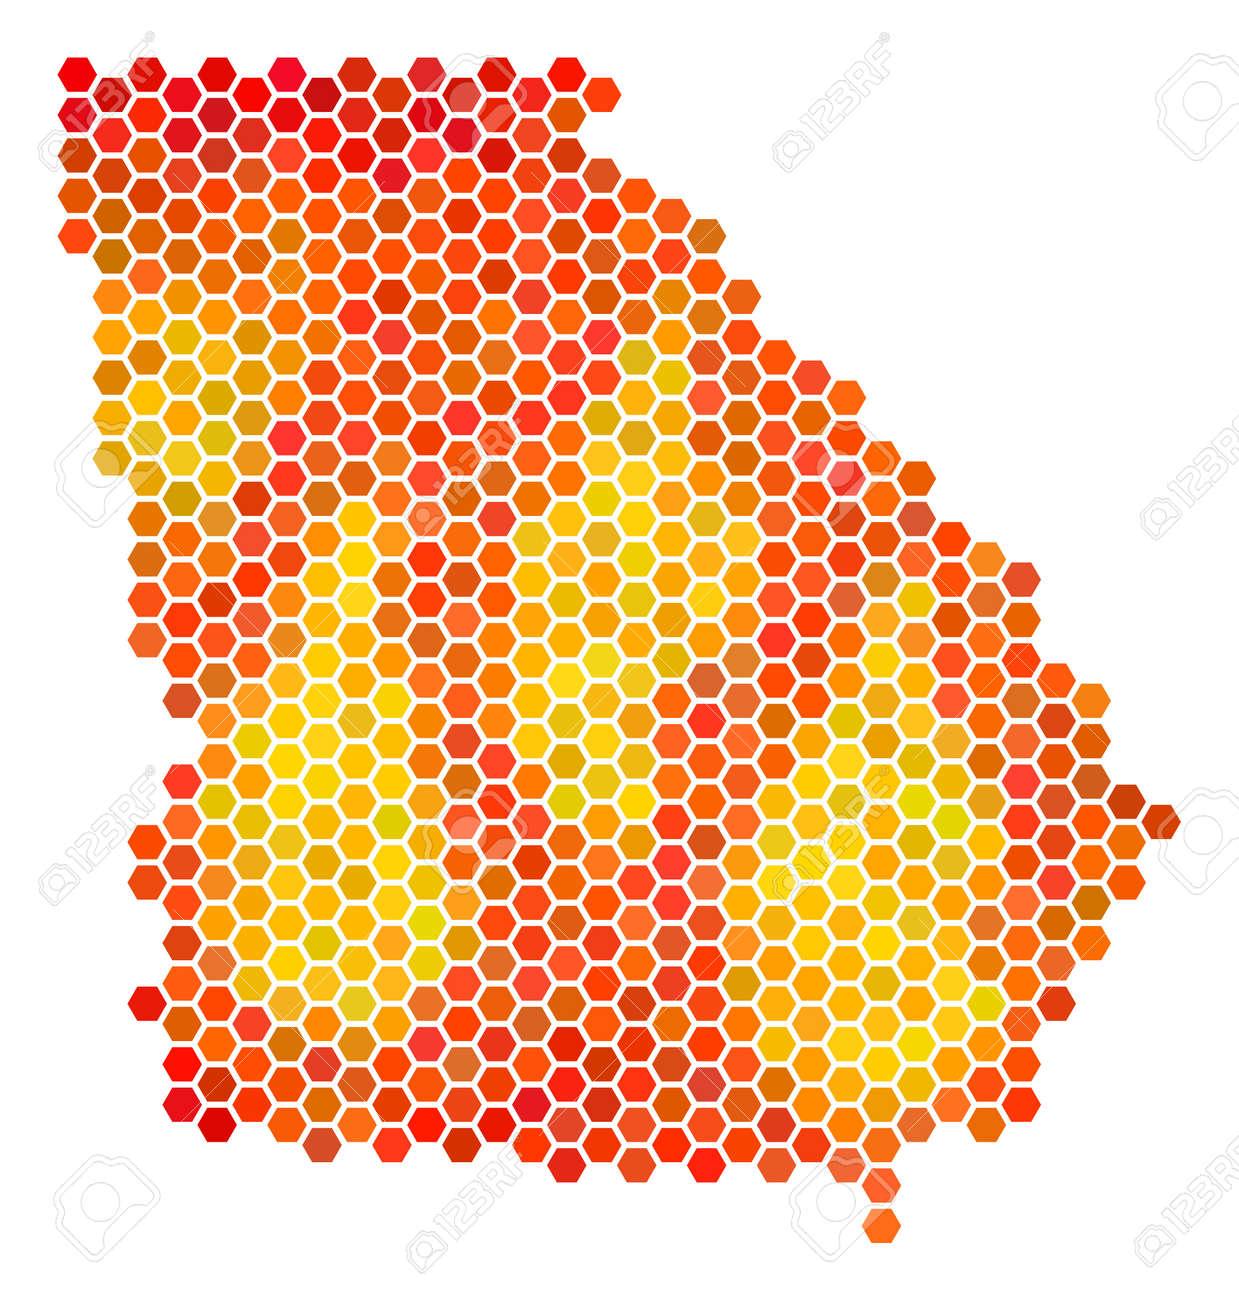 American State Georgia Map. Vector Hexagonal Territorial Map ...